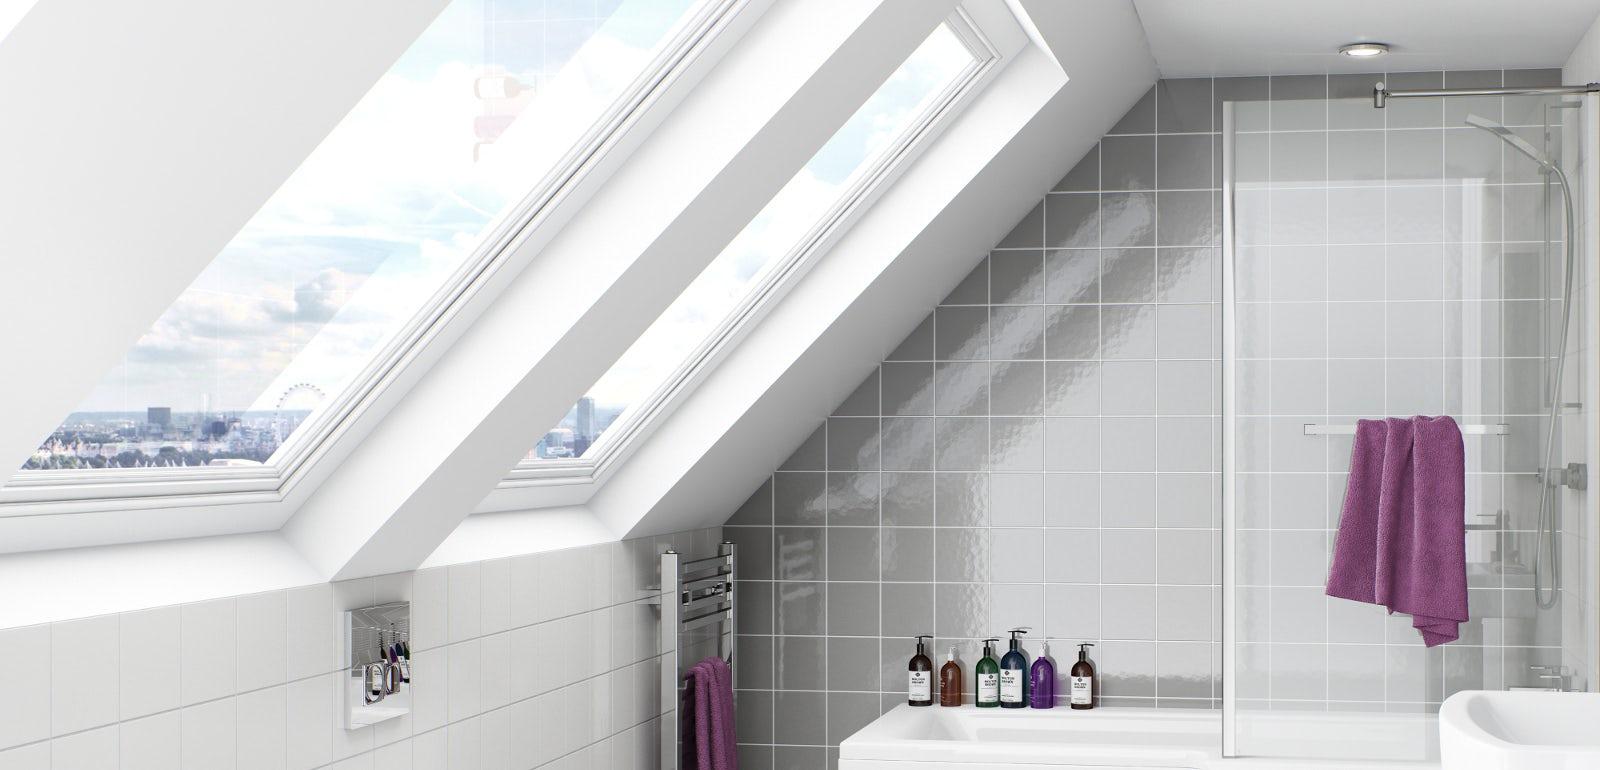 Modern Bath and Shower Options | VictoriaPlum.com